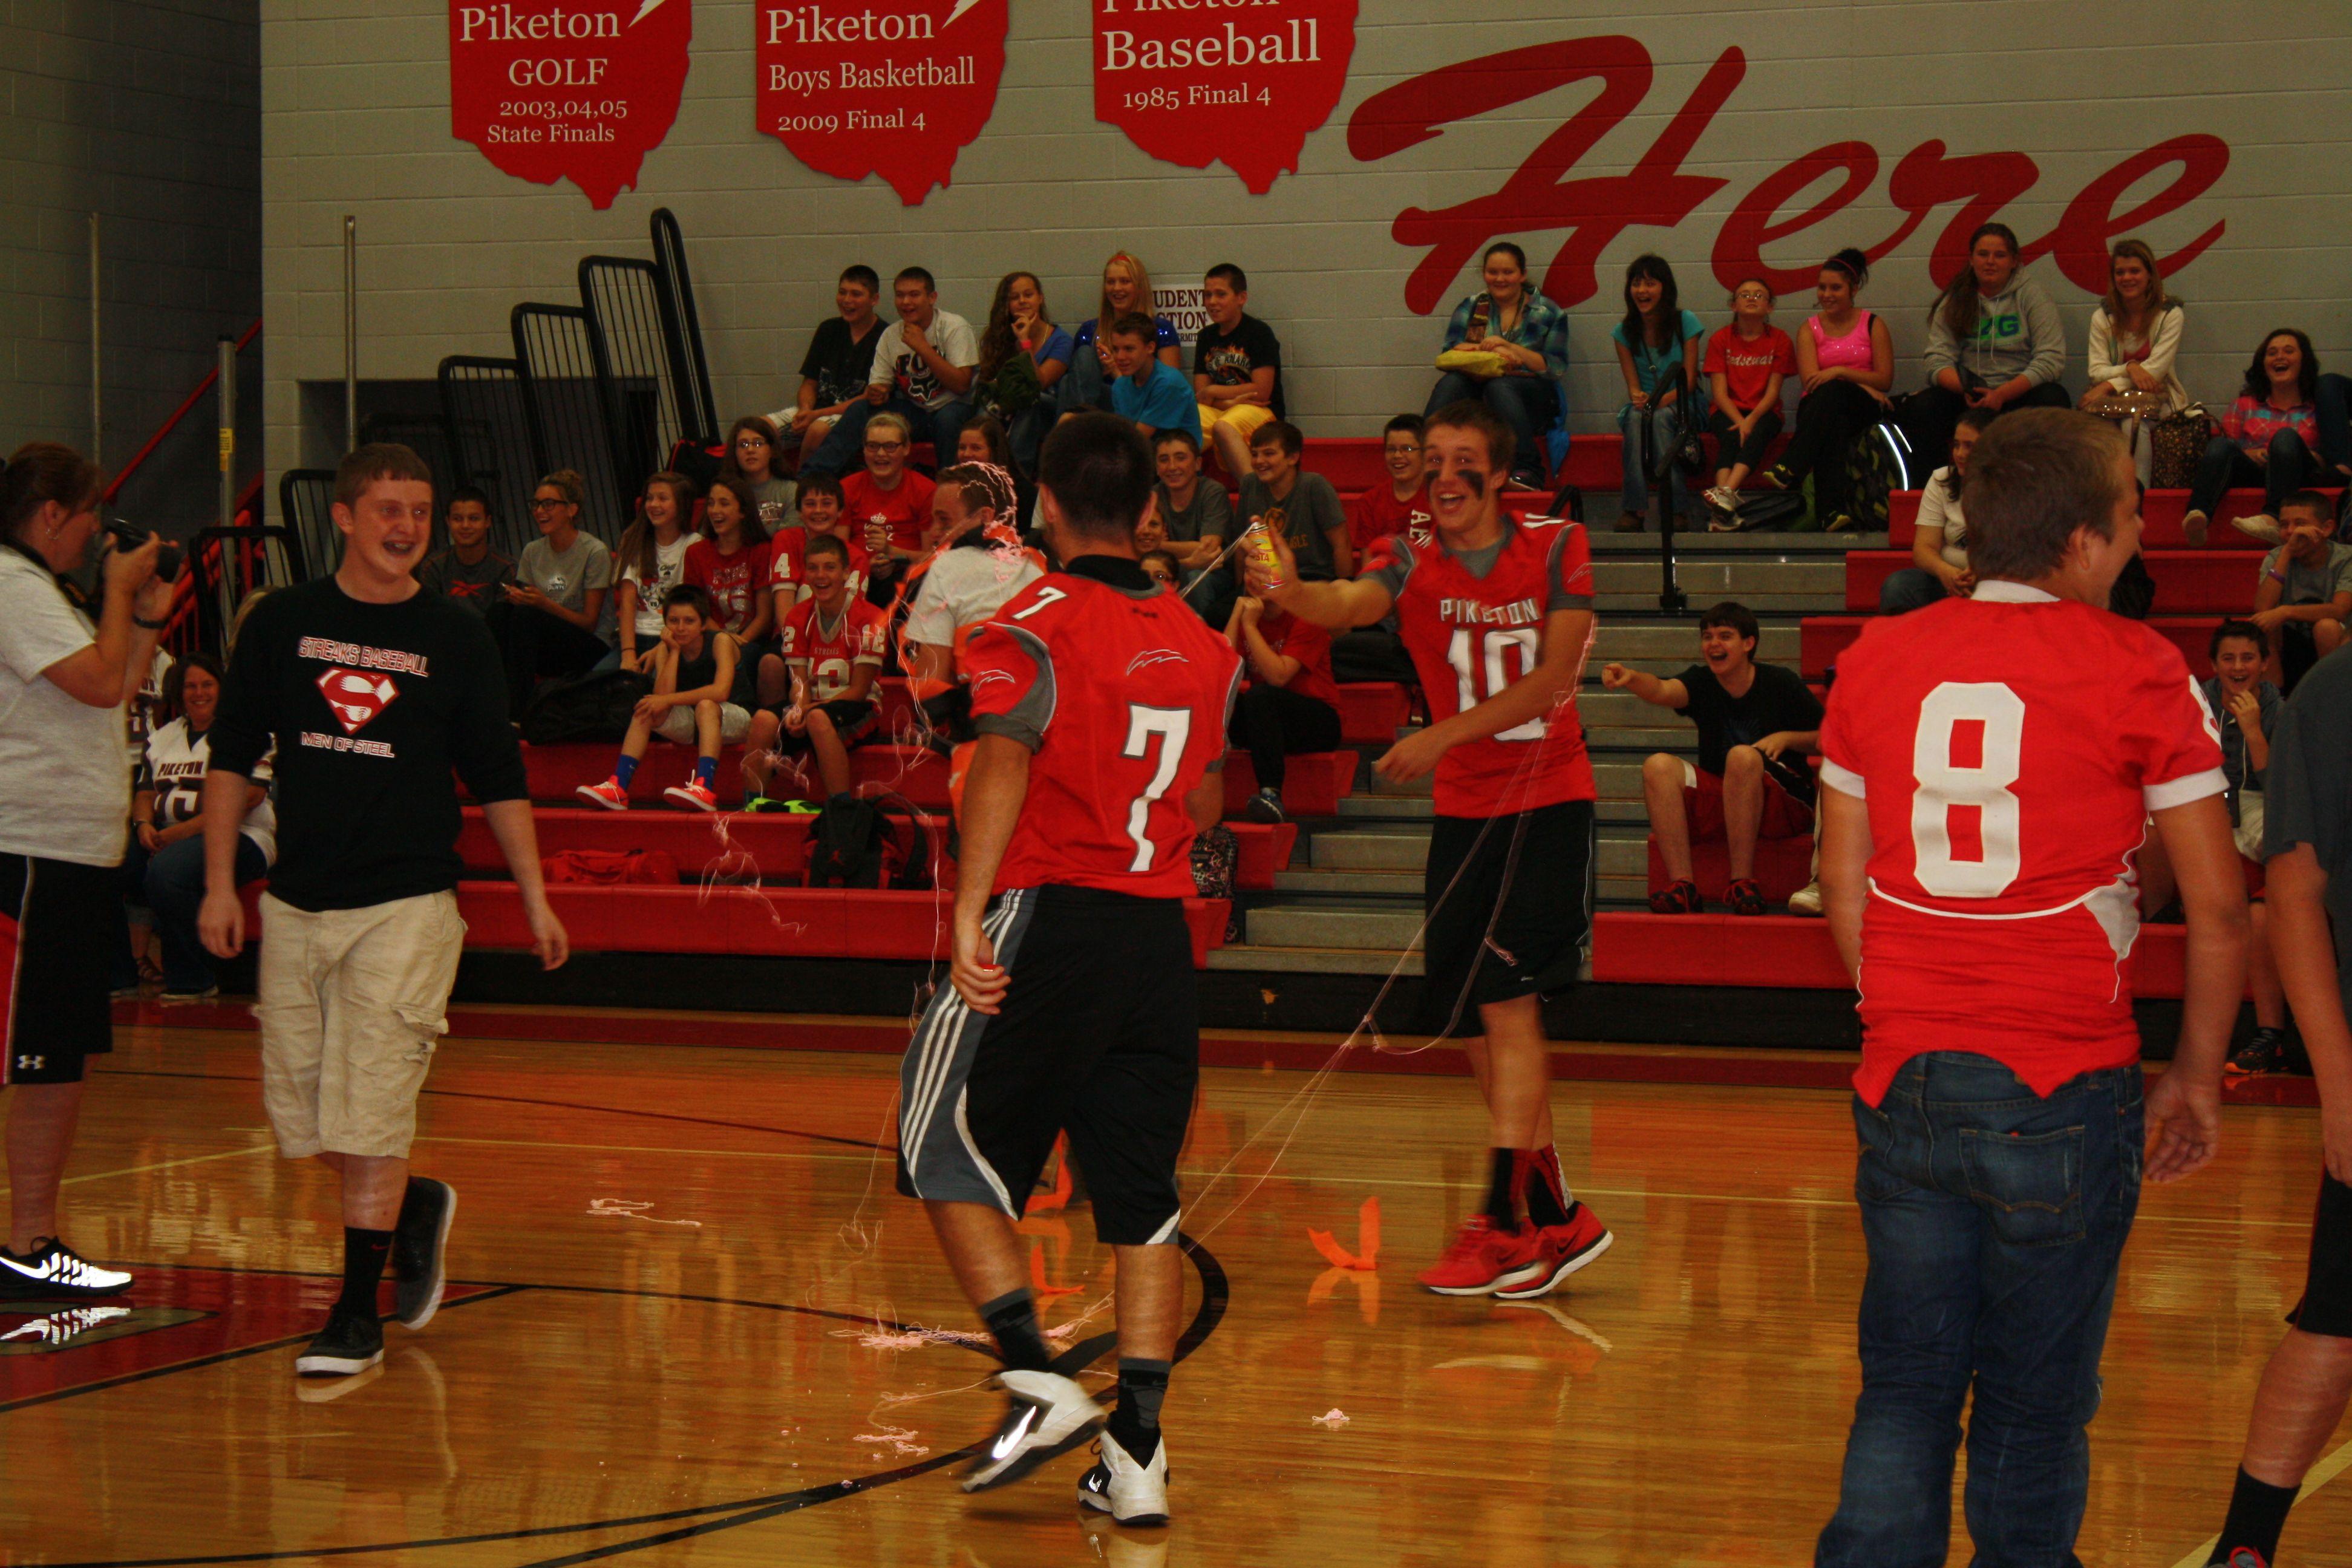 Pep Rally Basketball, Basketball court, Pep rally